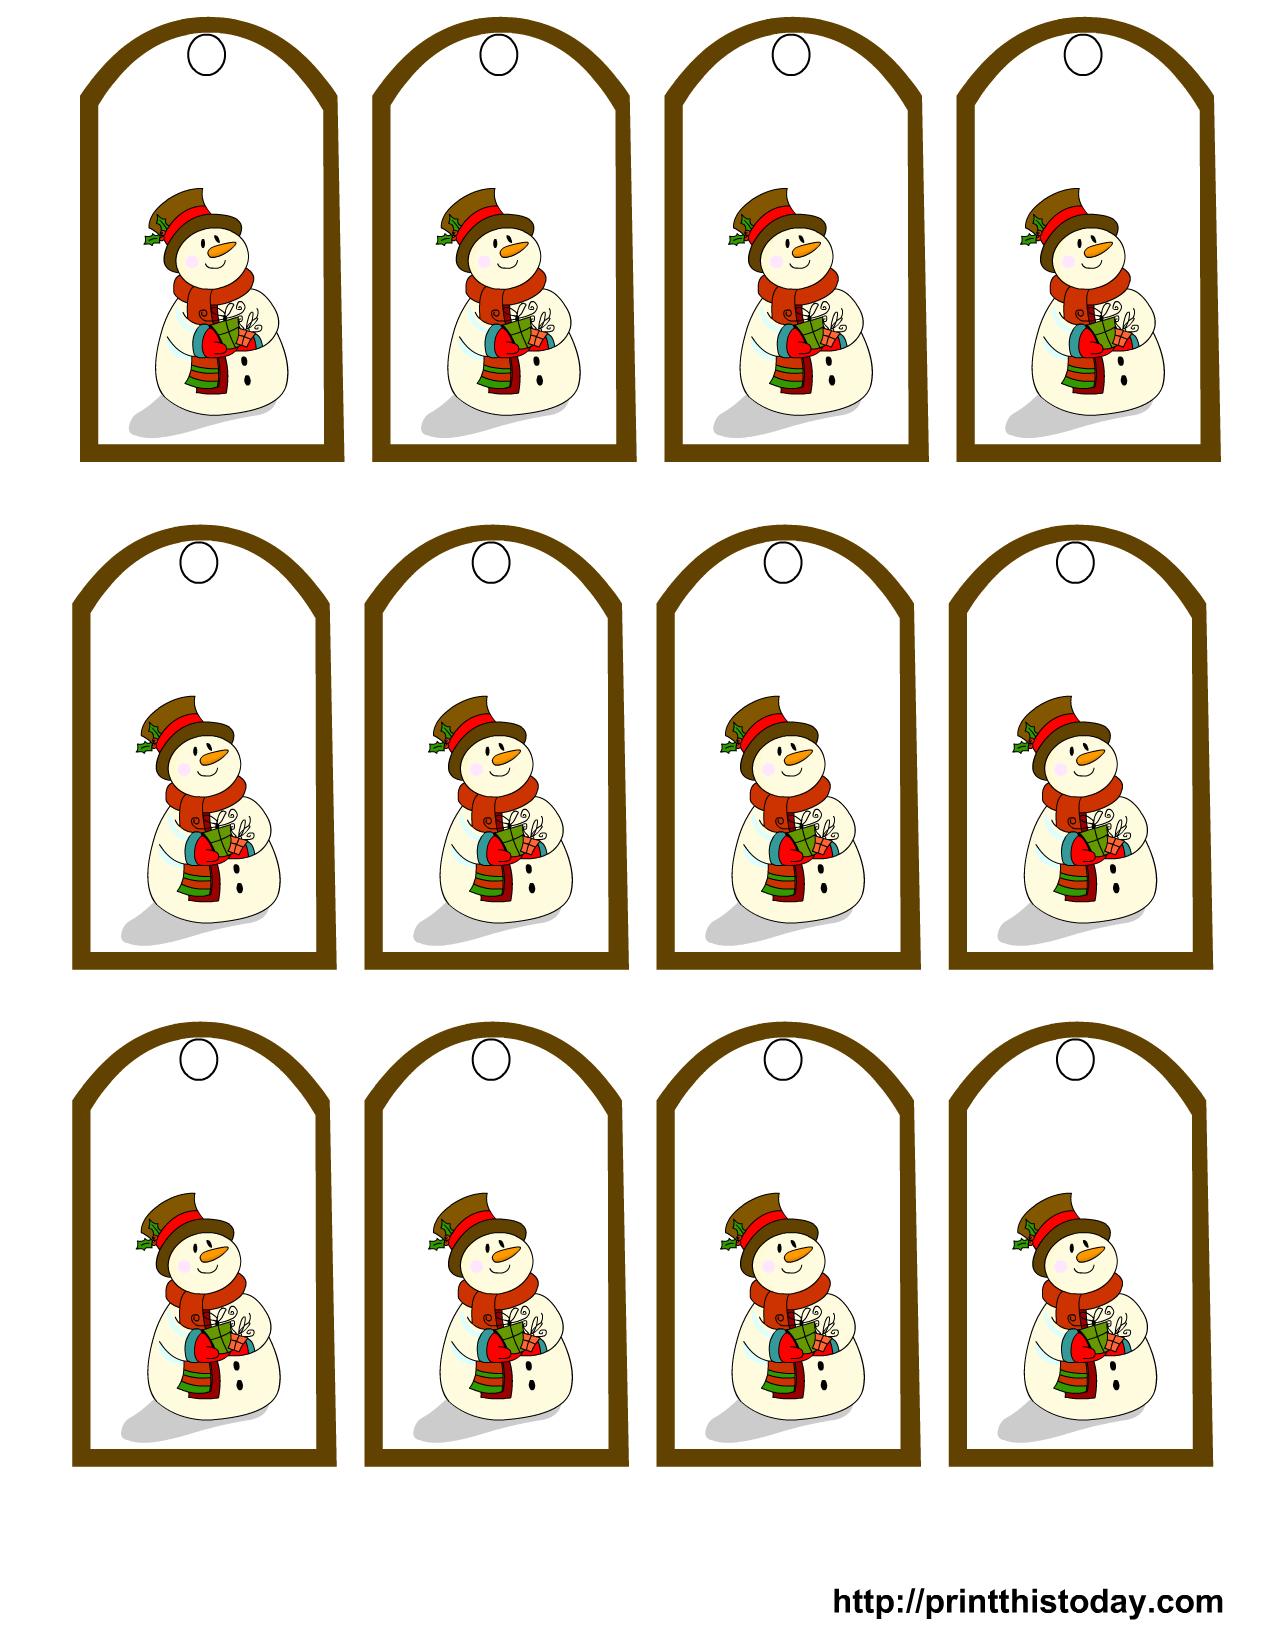 47 Free Printable Christmas Gift Tags (That You Can Edit And - Free Printable Angel Gift Tags